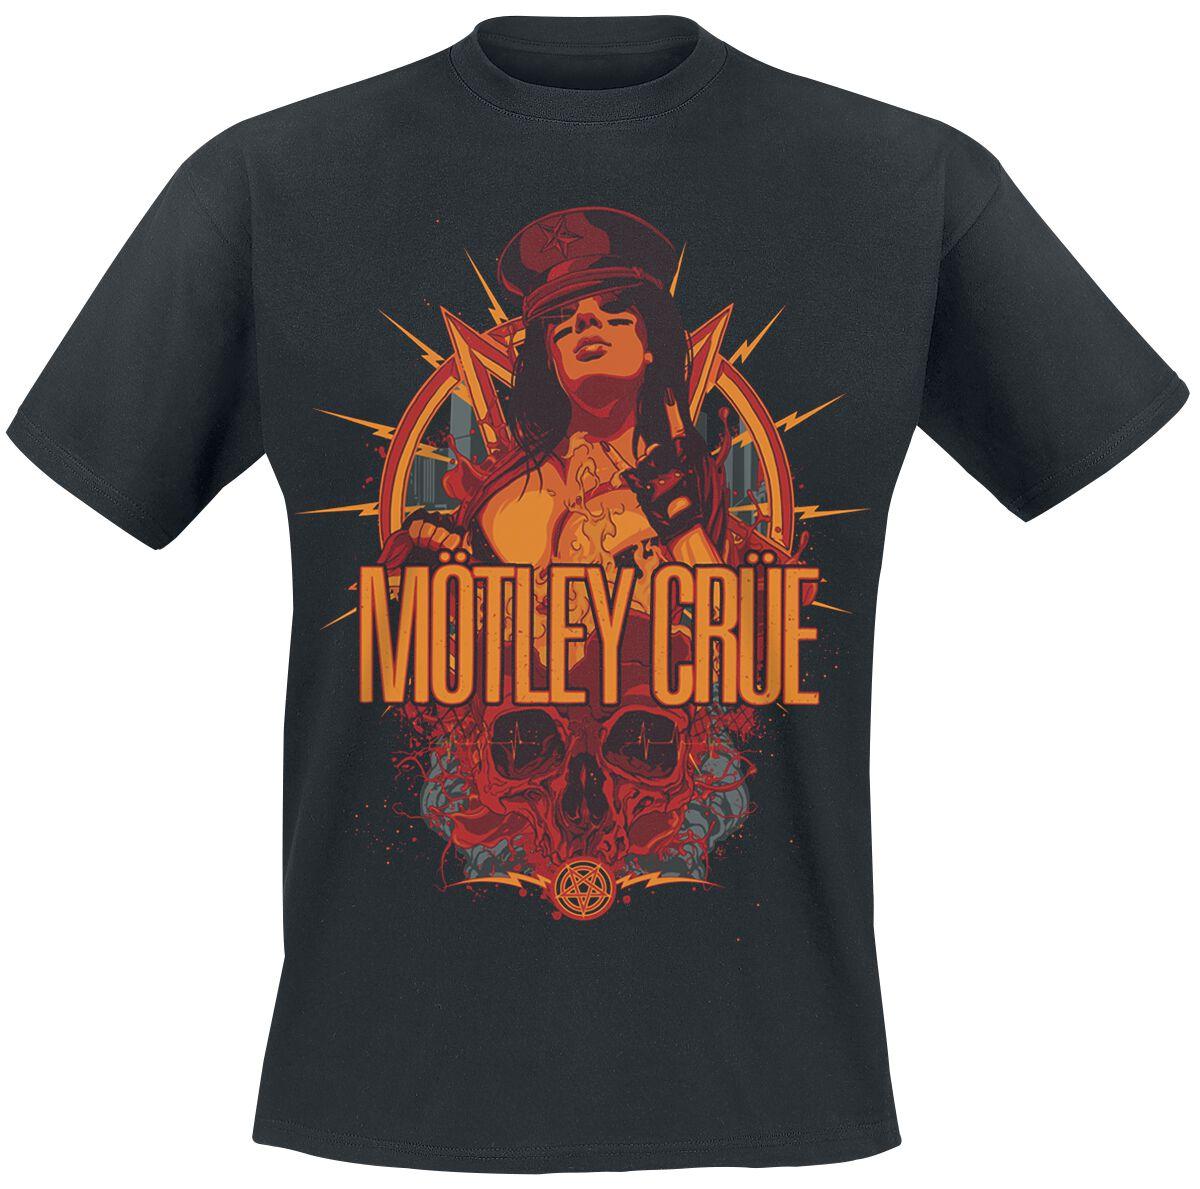 Mötley Crüe MC Girl powered by EMP